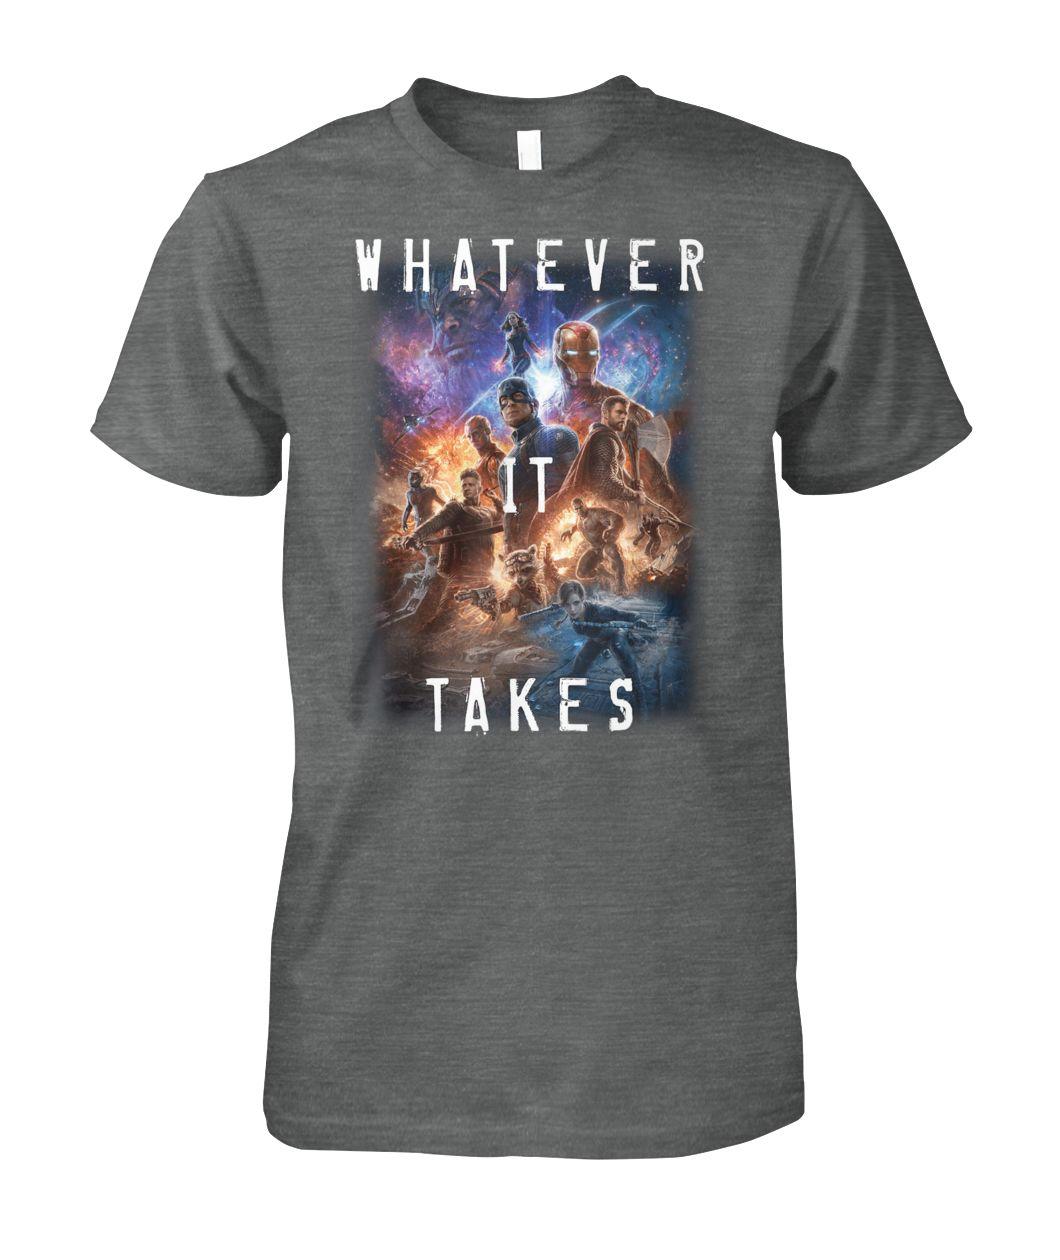 [Hot version] Marvel avengers endgame movie poster whatever it takes shirt